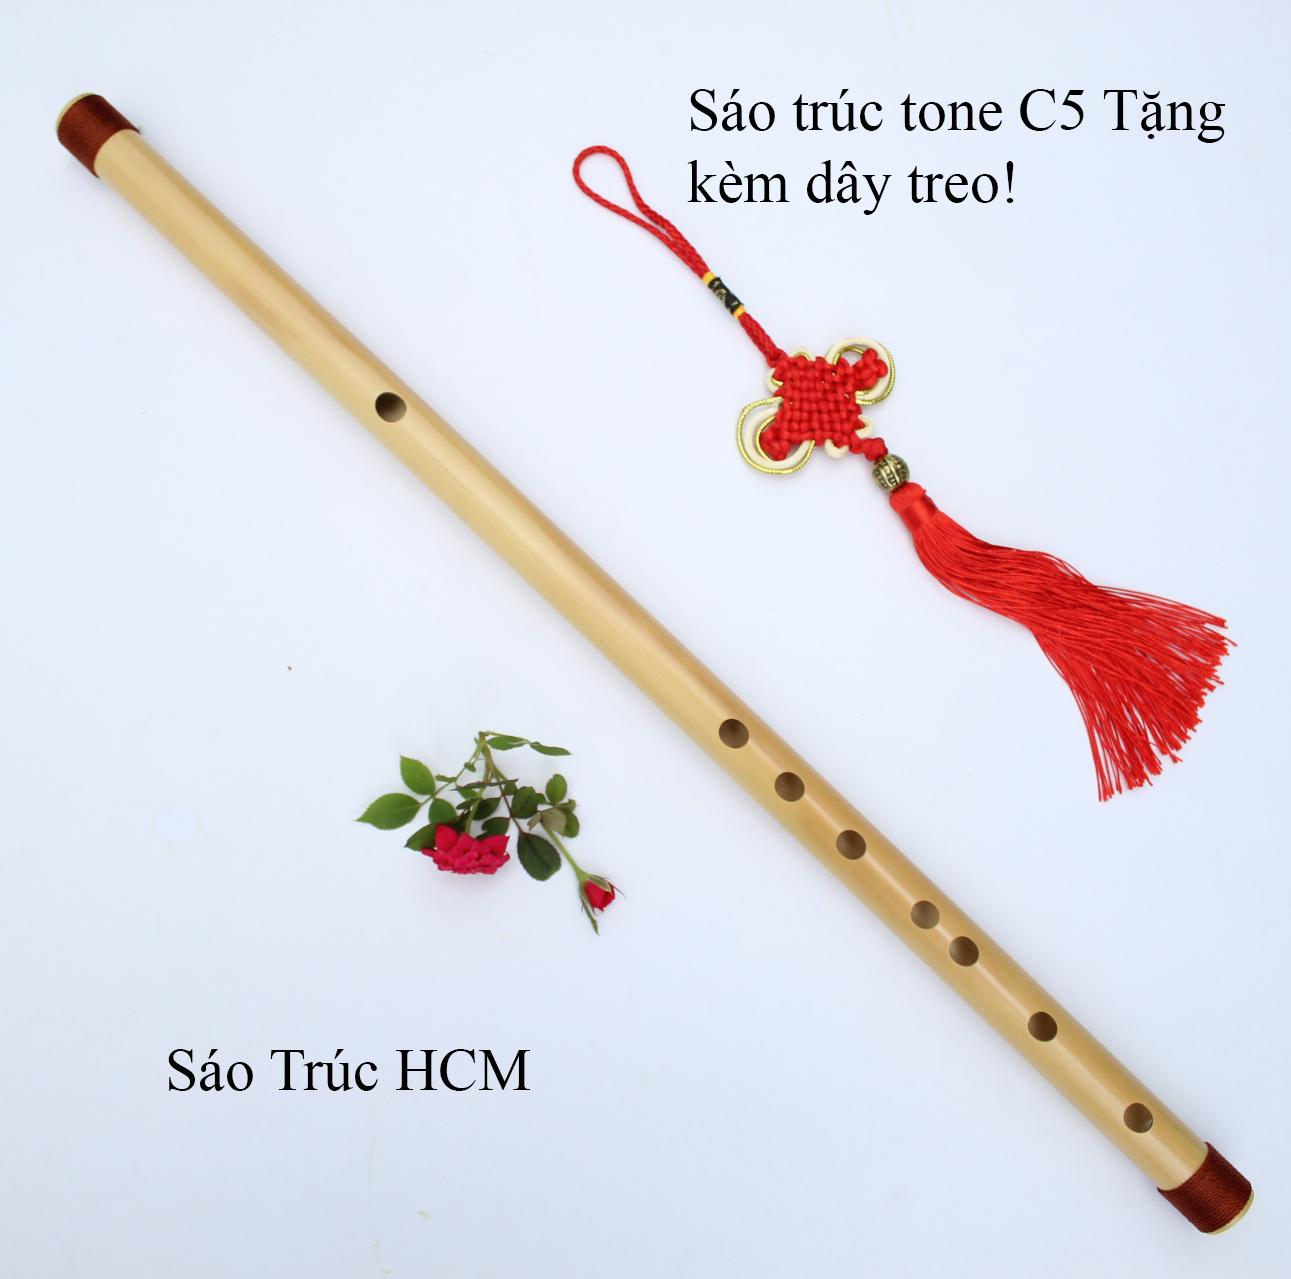 Sáo Trúc C5 cho người bắt đầu chơi sáo